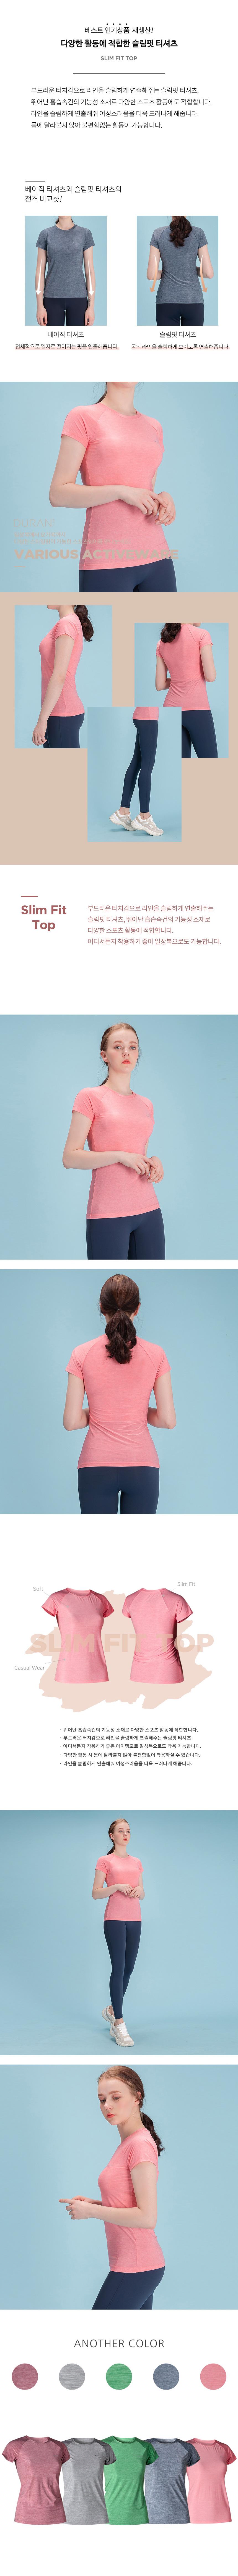 여성 스포츠 슬림핏 티셔츠 DFW5007 피치